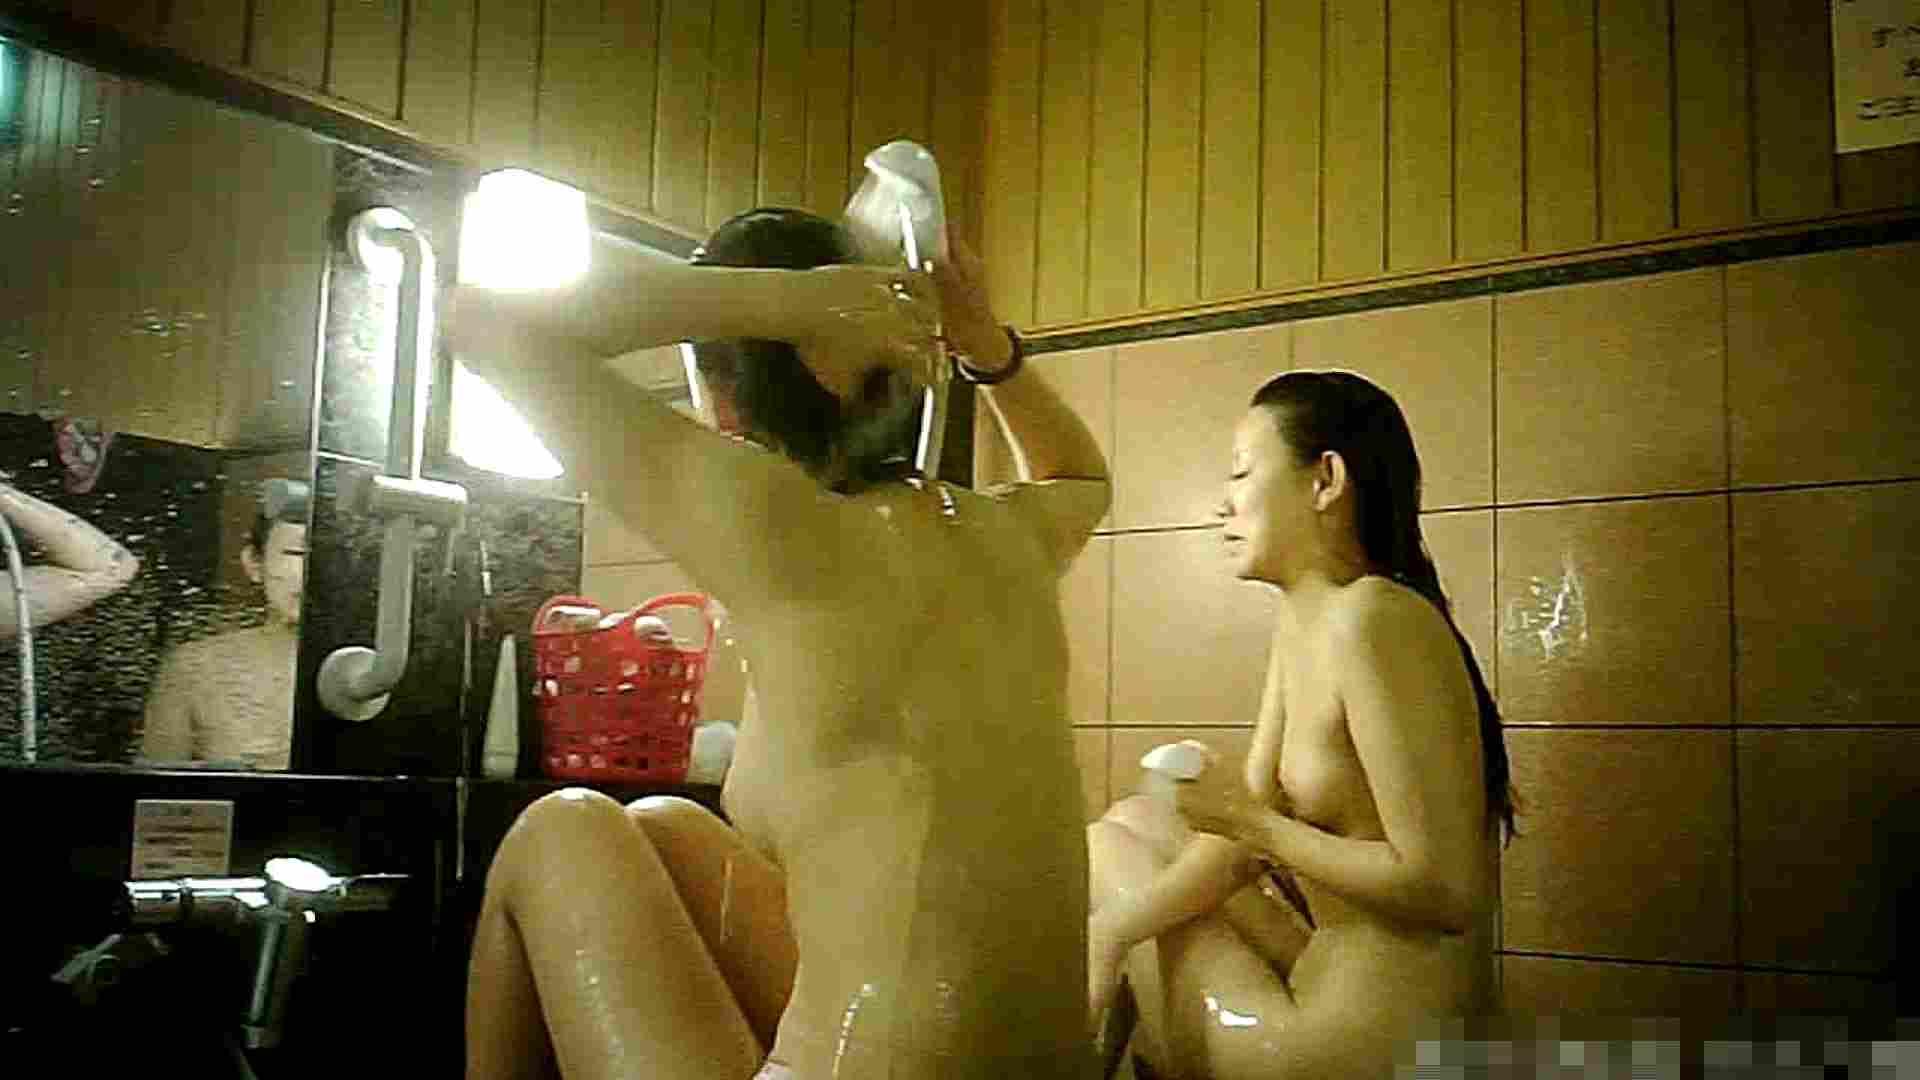 無料アダルト動画:Vol.55 洗い場!2人の横乳をご堪能ください。:怪盗ジョーカー